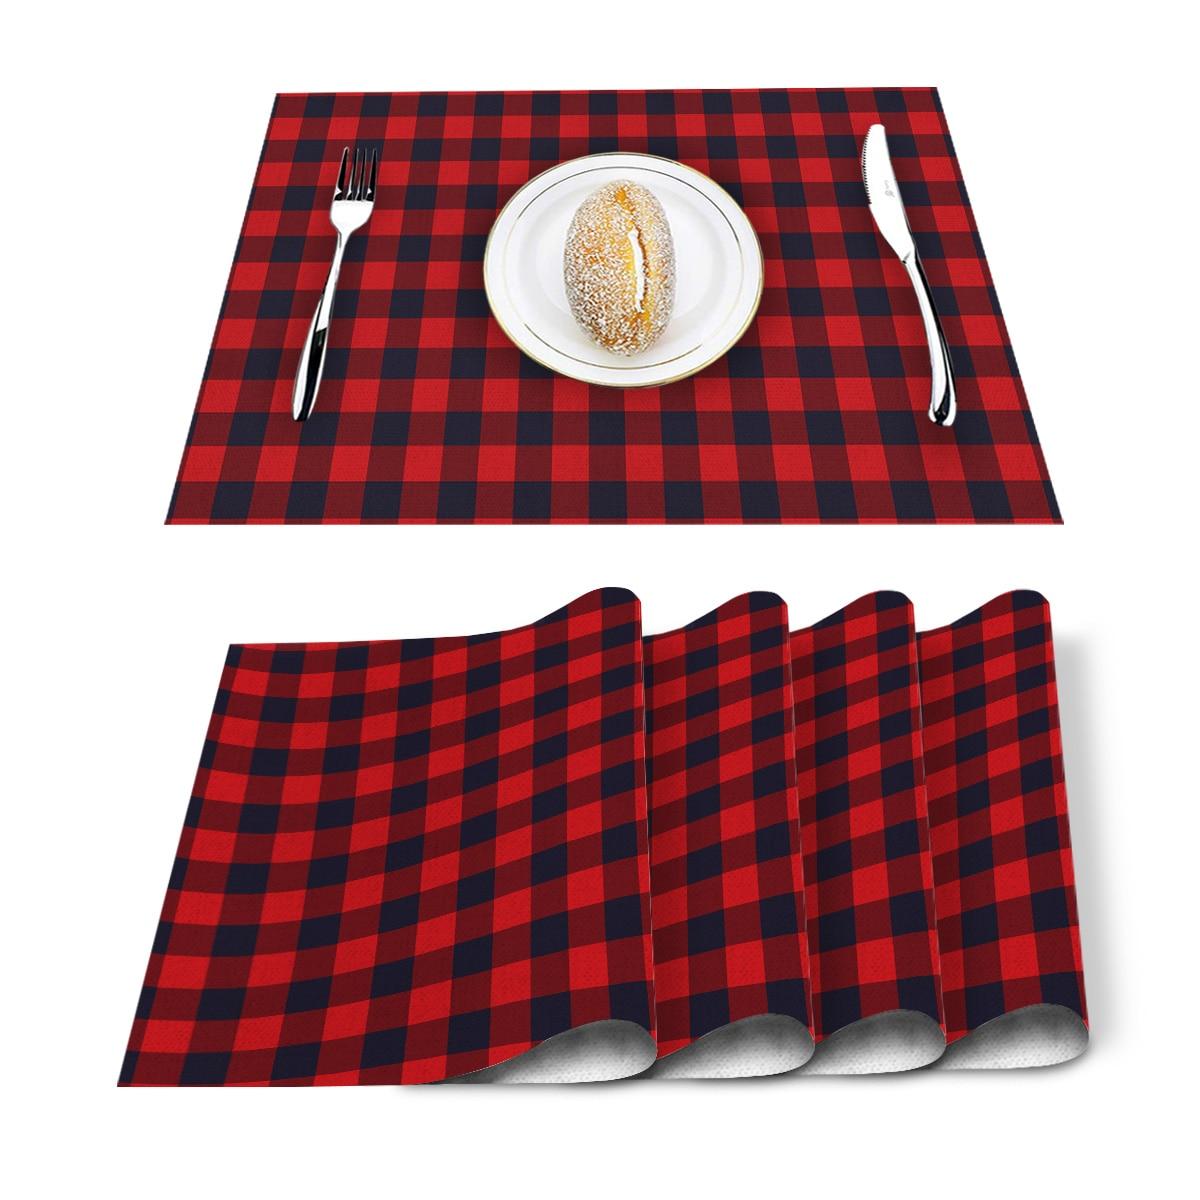 Mantel de lino de algodón lavable a cuadros de búfalo Rojo Negro mantel rectangular resistente al calor